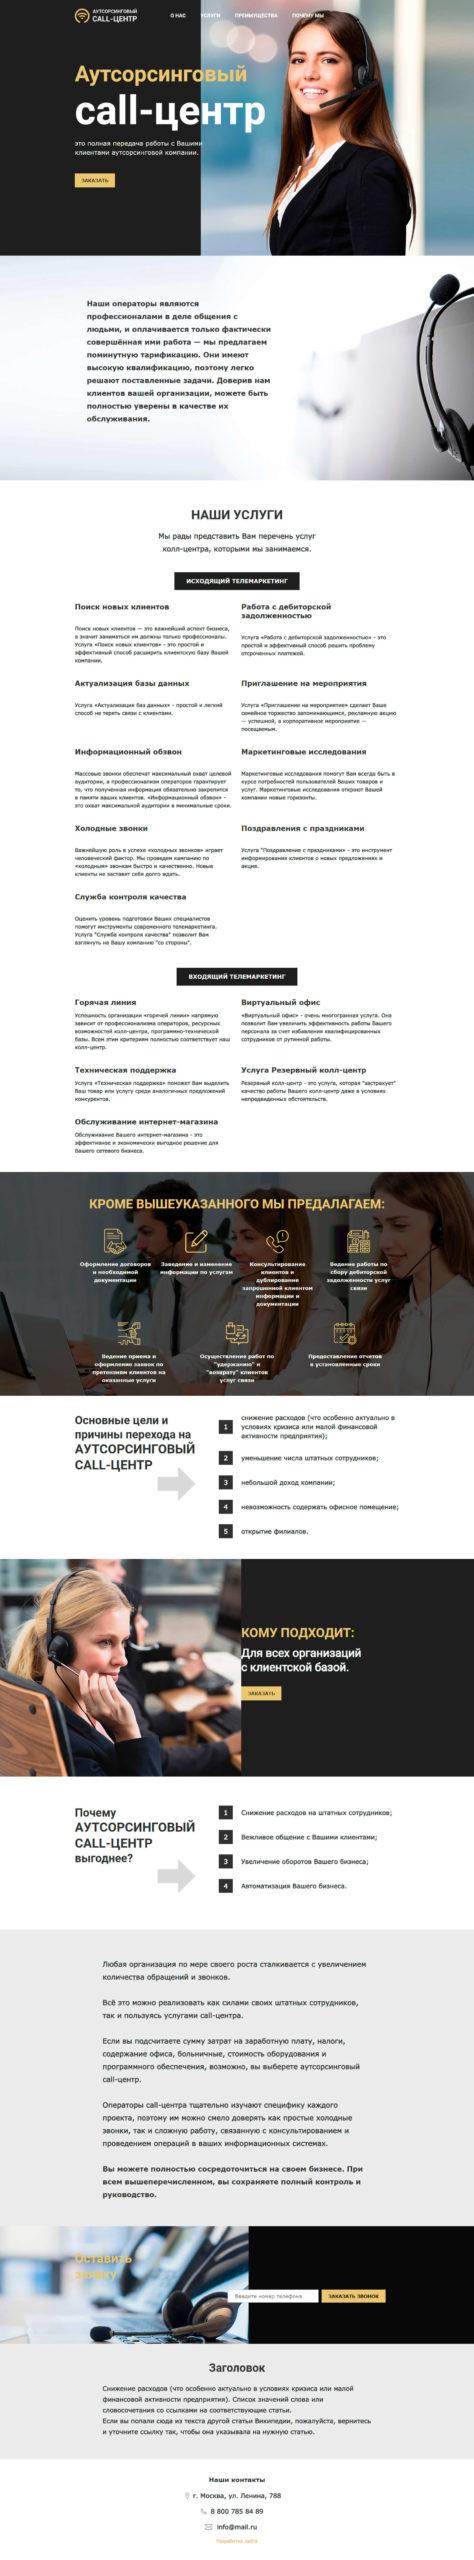 Лэндинг для компании «Аутсорсинговый call-центр»